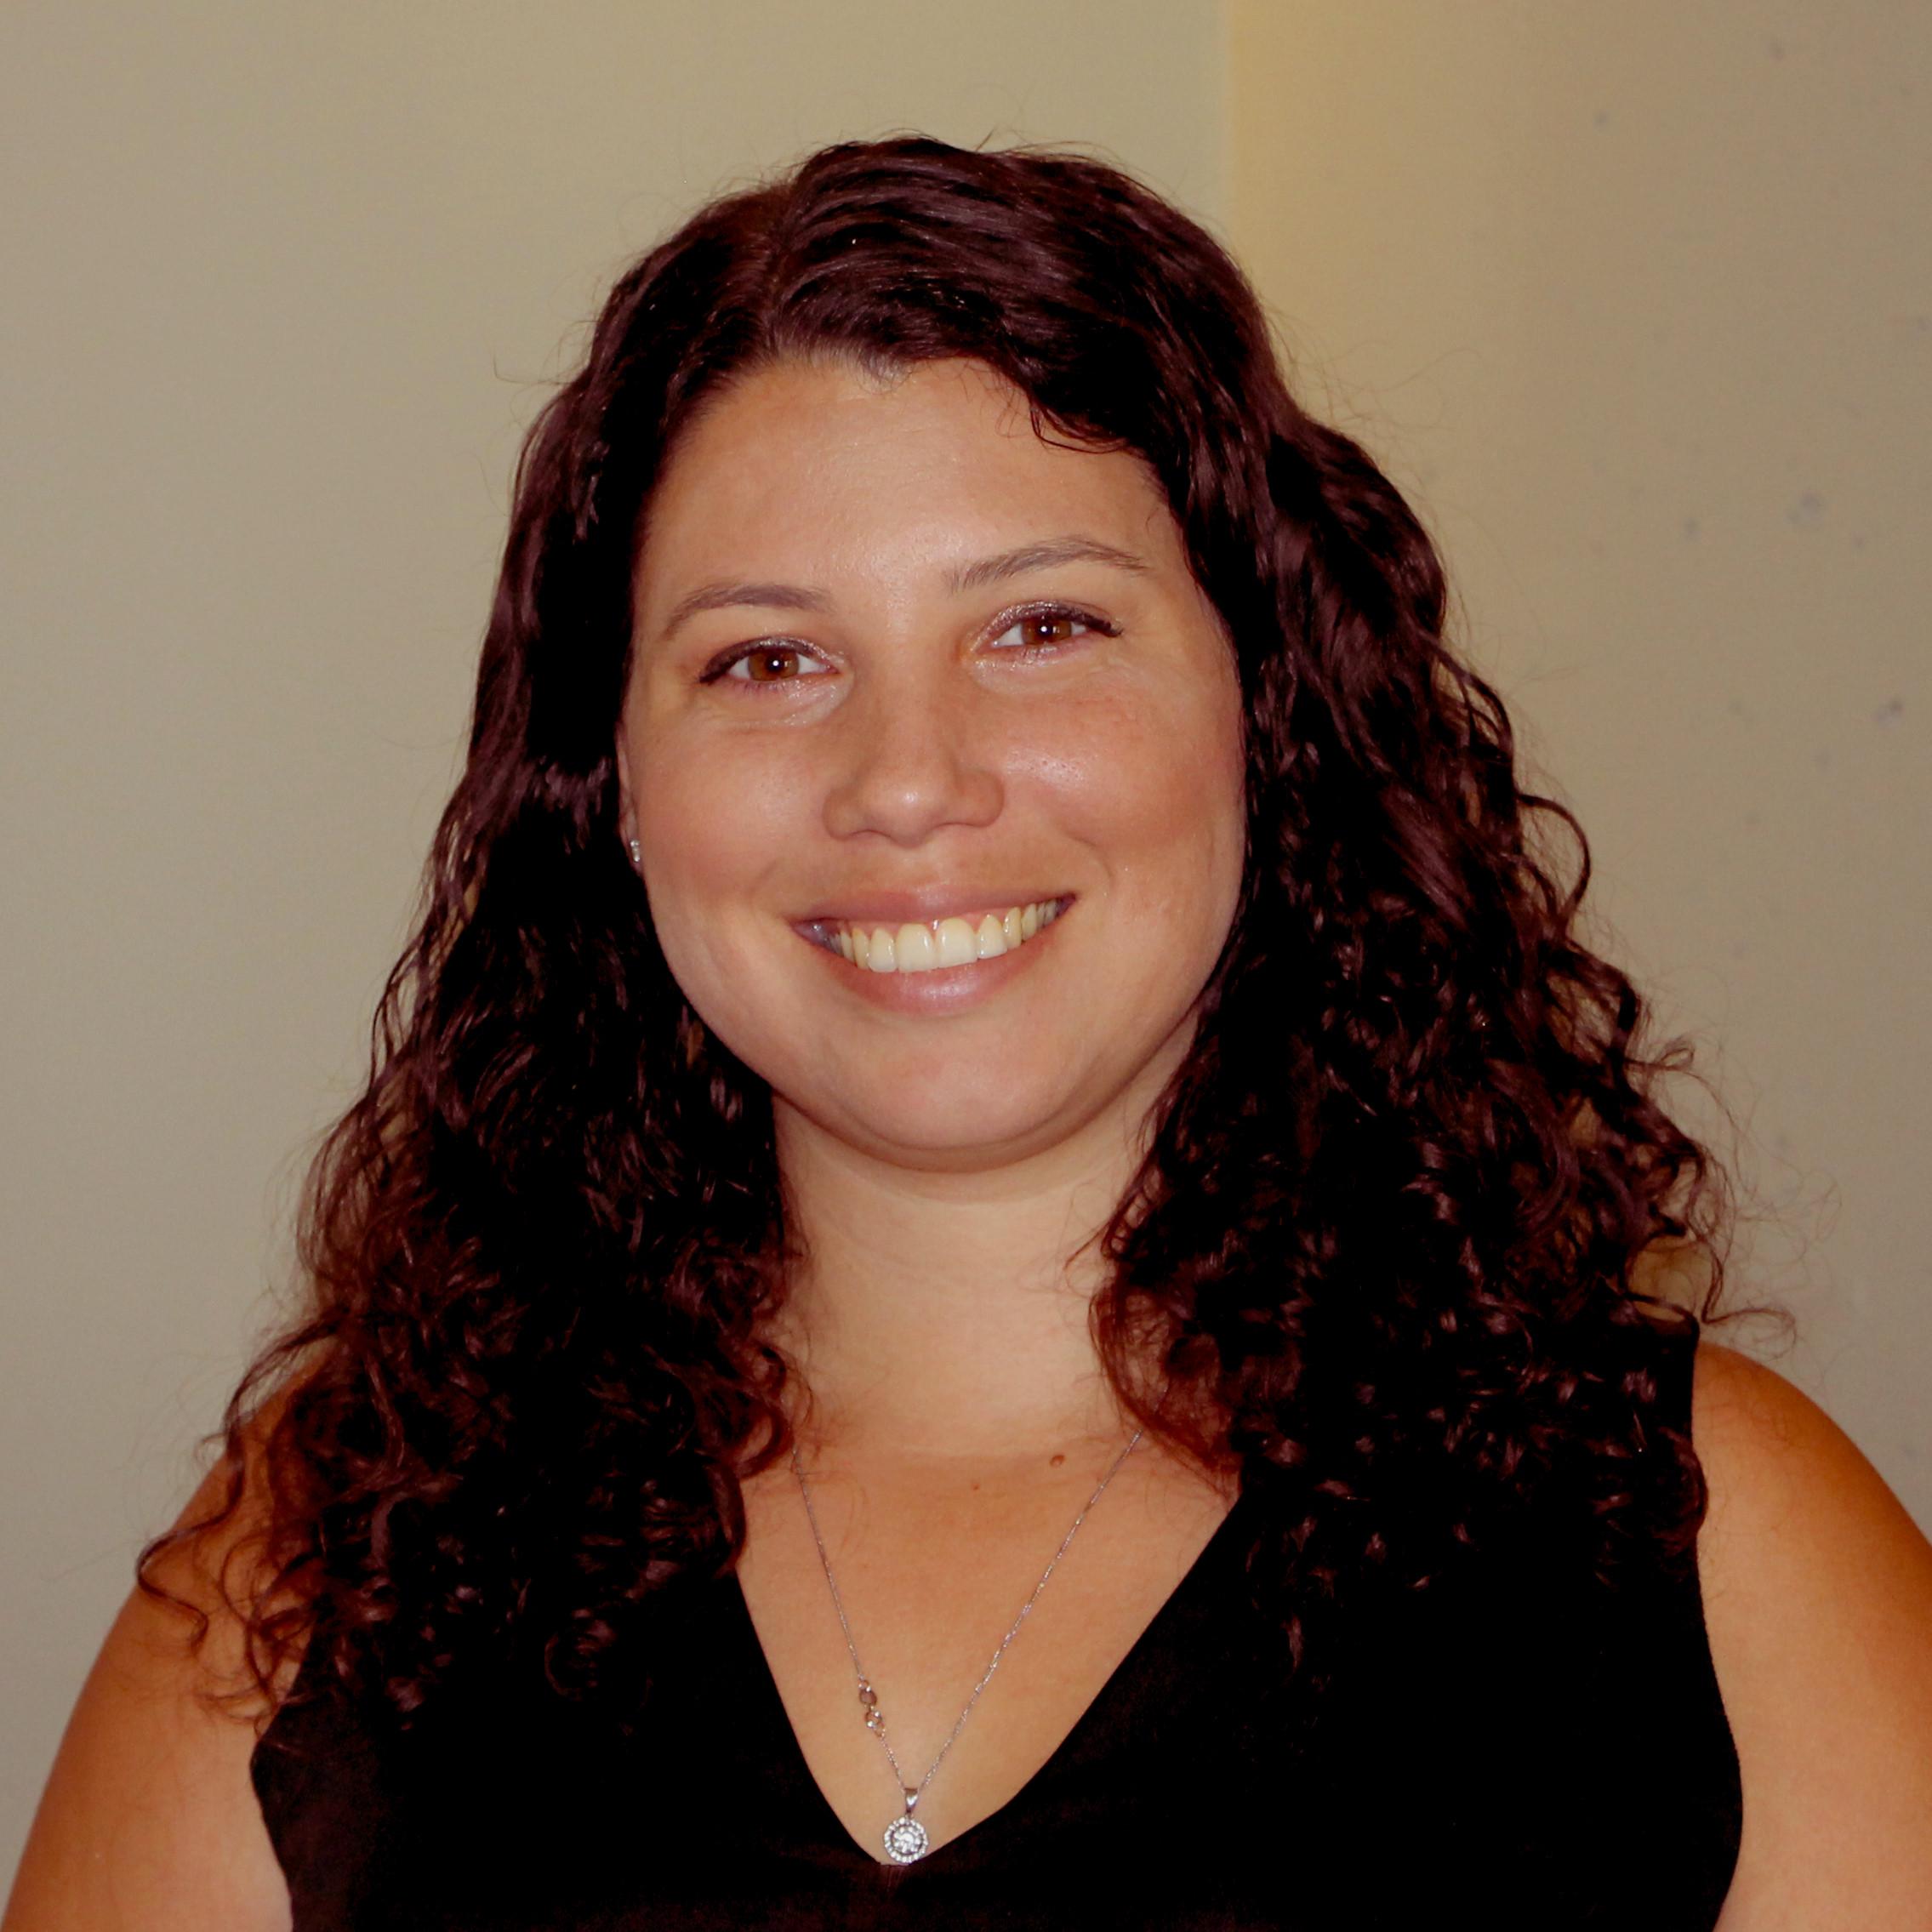 לירון גז, מנהלת לקוחות, פיתוח עיסקי ושווקים בחו״ל